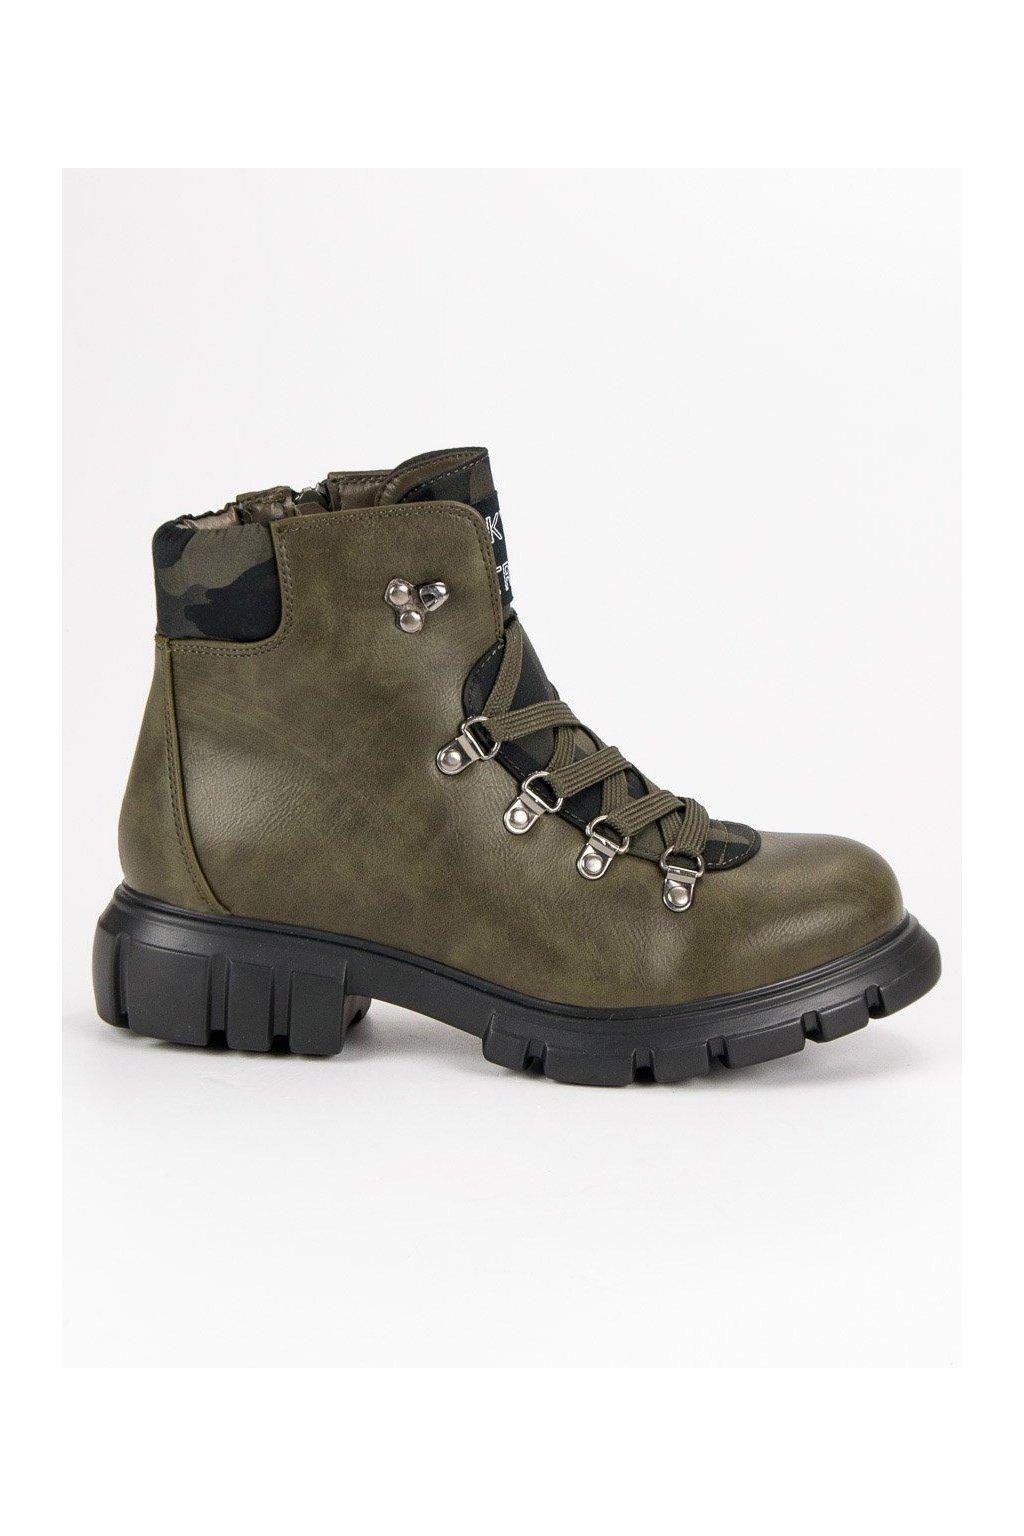 ed415646b59d Výpredaj Zimná obuv